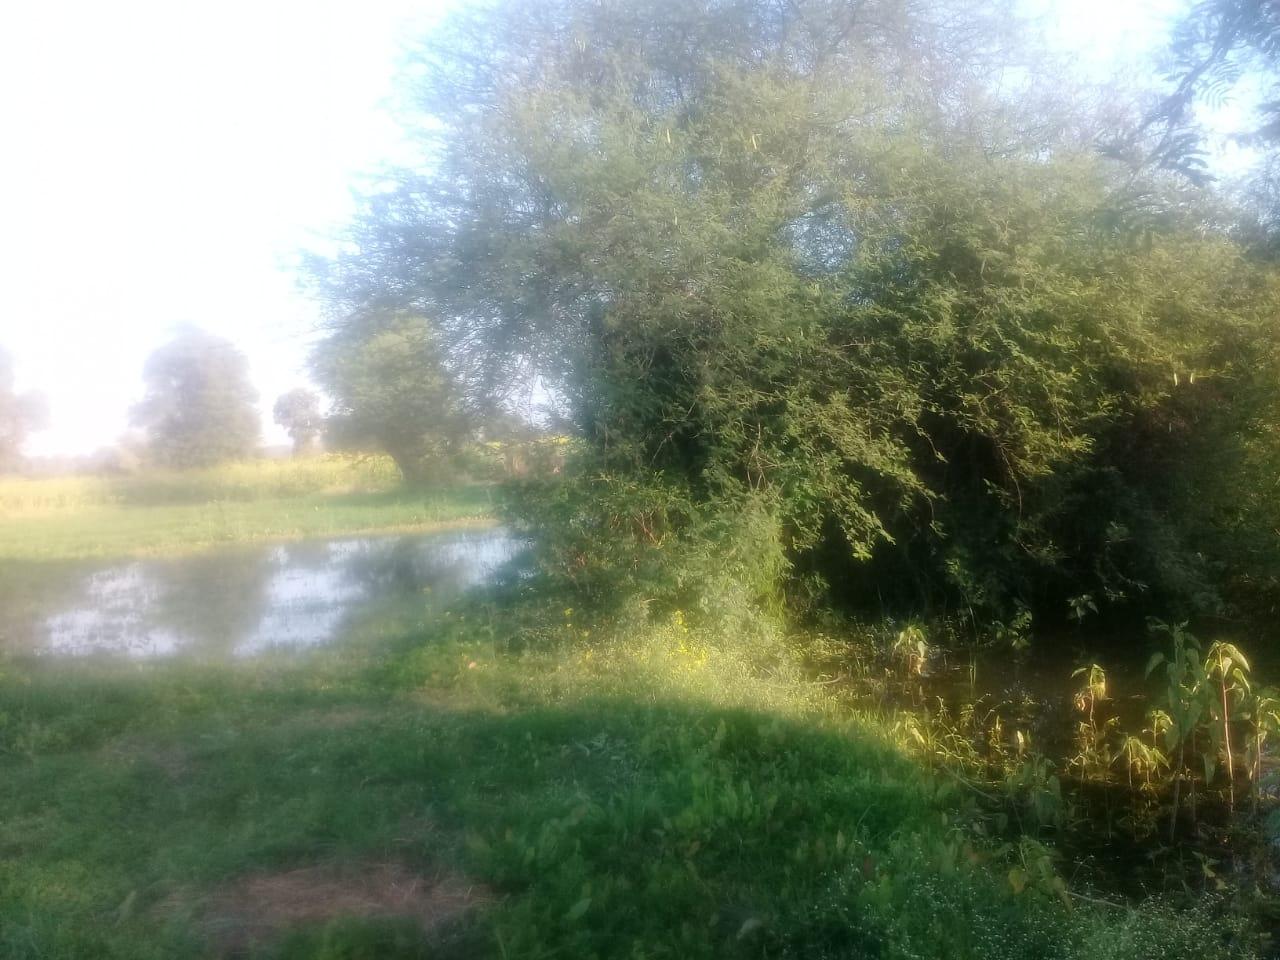 नाले में छोड़ दिया नहर का पानी, सौ एकड़ में खड़ी गेहूं फसल बर्बाद